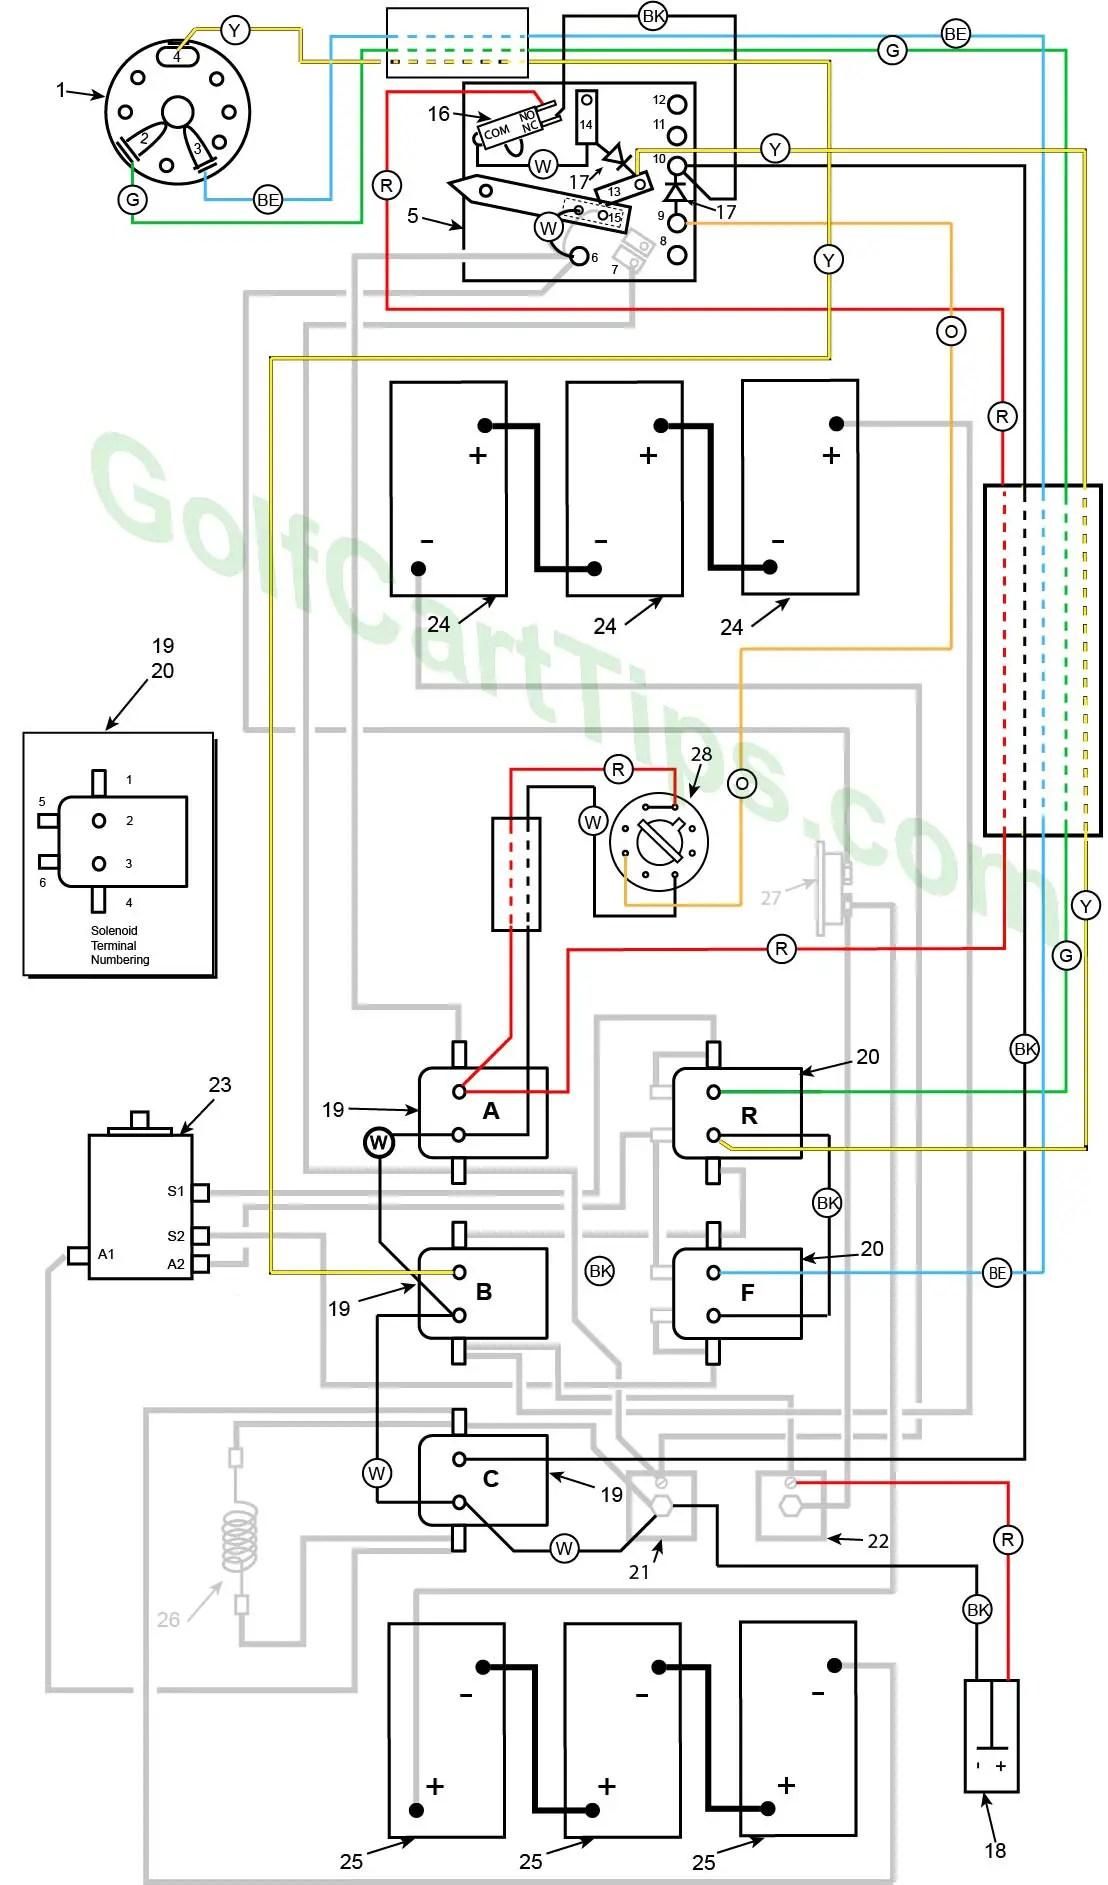 1965 Harley Davidson Golf Cart Wiring Diagram - Wiring ... on